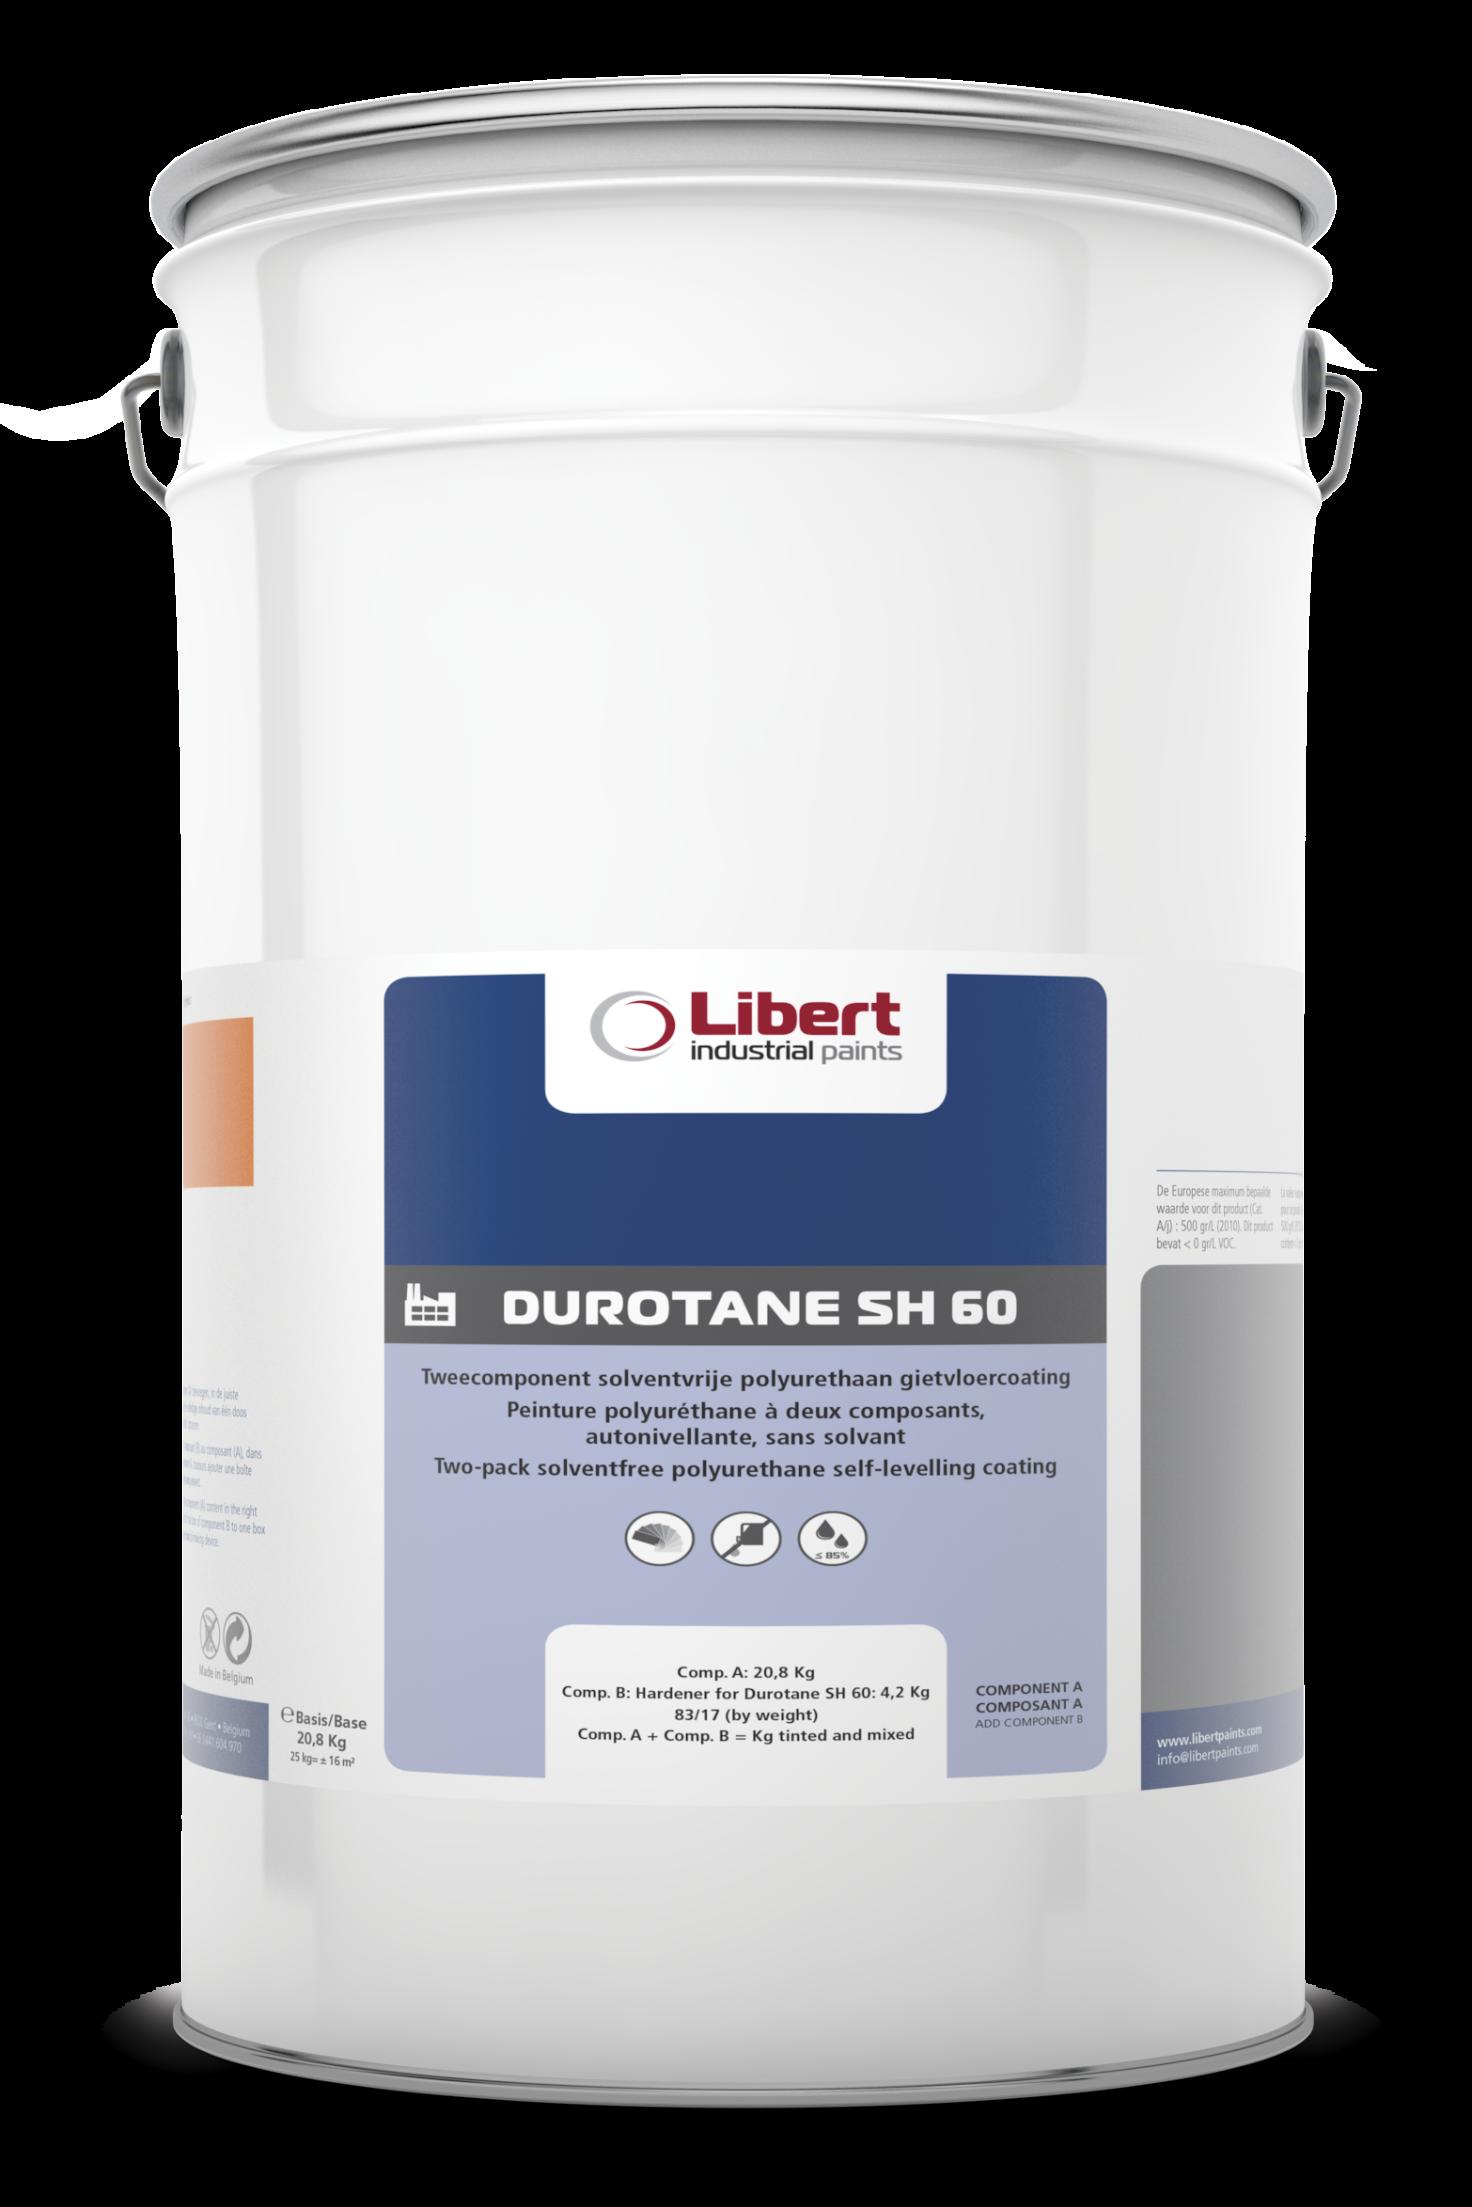 Durotane SH60_25kg.png